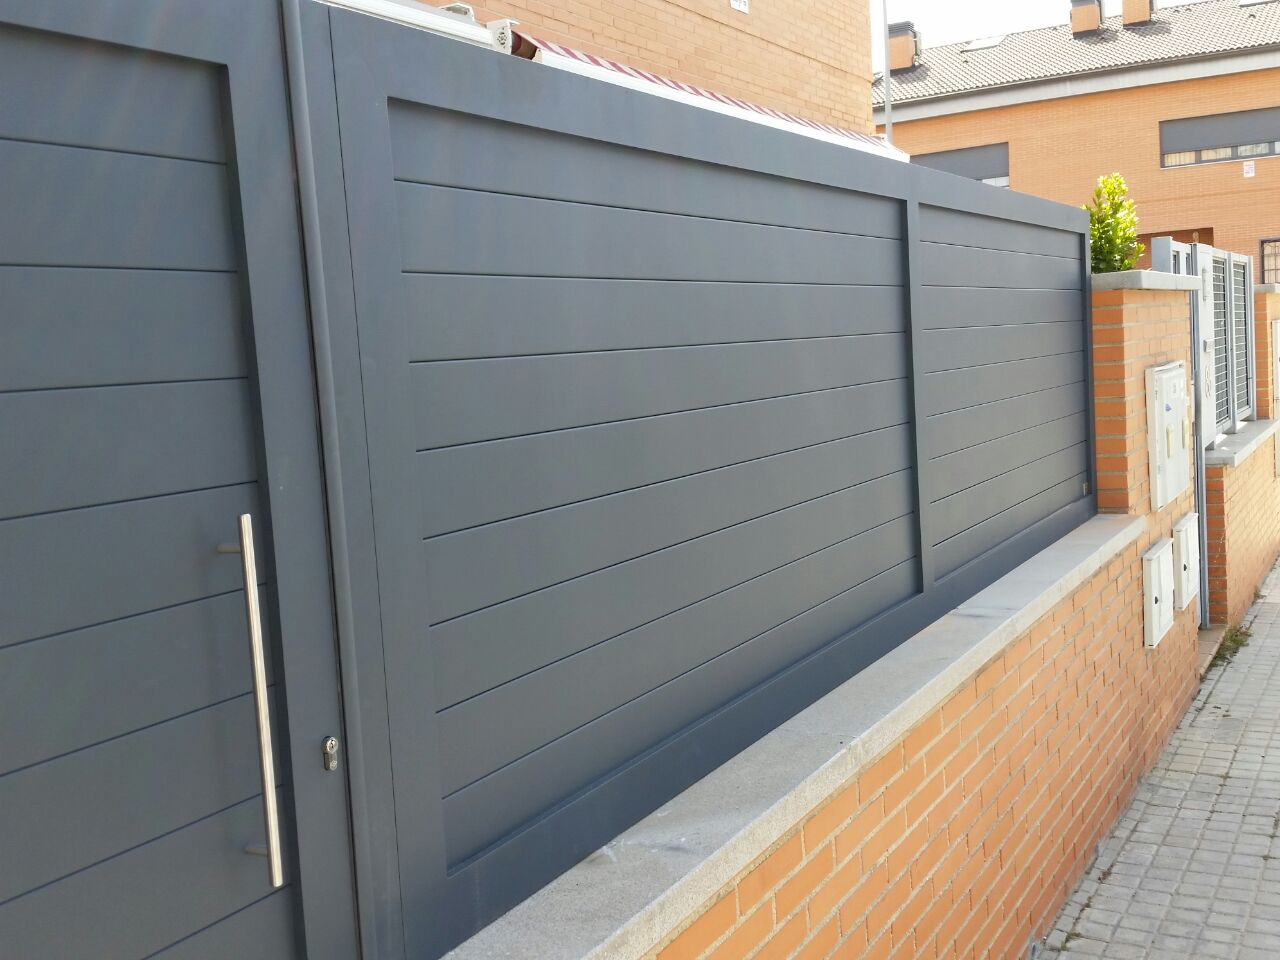 Puertas para vallas vallas de acero de hierro para - Puertas de valla ...